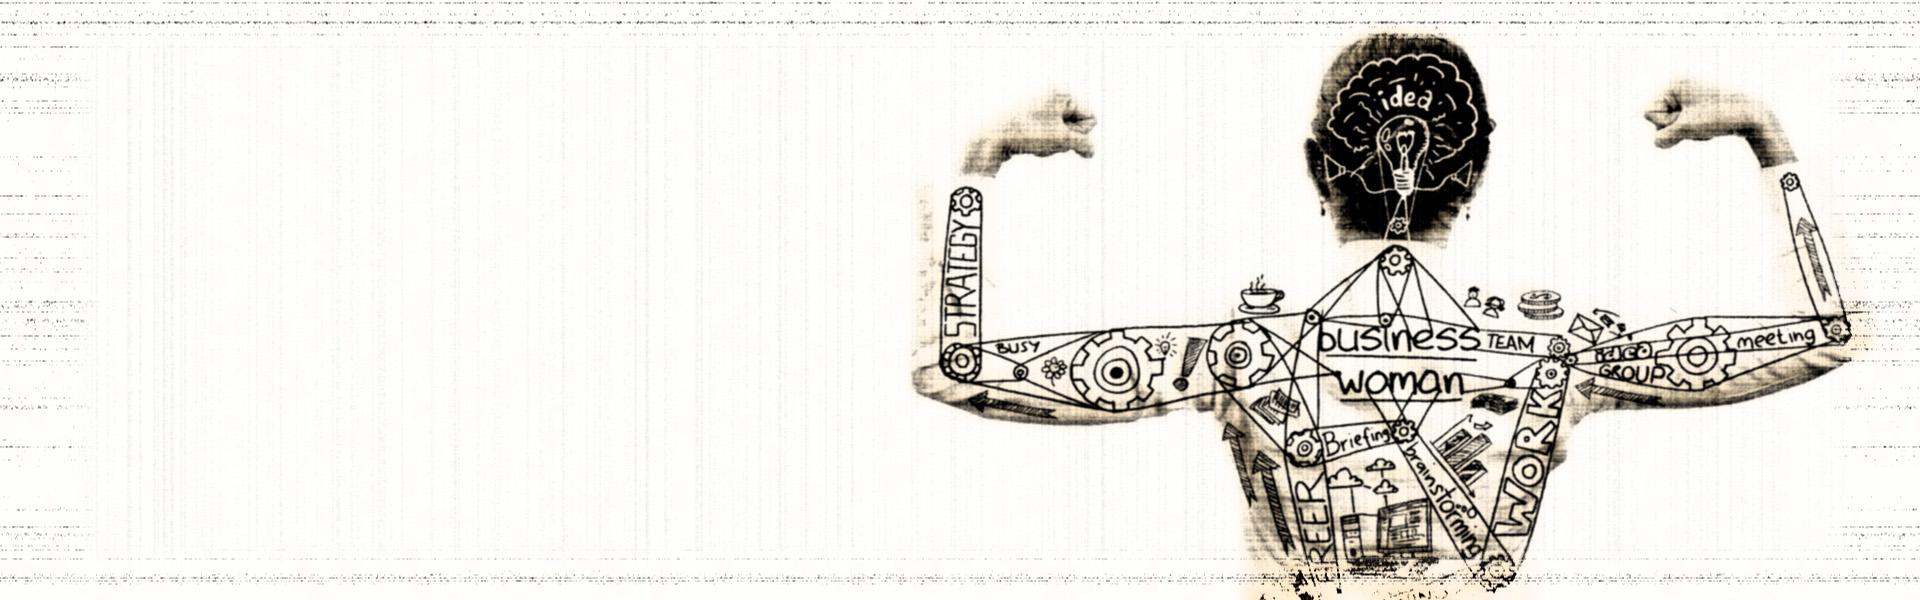 Grafika przedstawiająca kobietę napinającą mięśnie, trzymając ręce w górze. Na plecach kobiety znajdują się grafiki będące symbolicznym wykresem business woman.